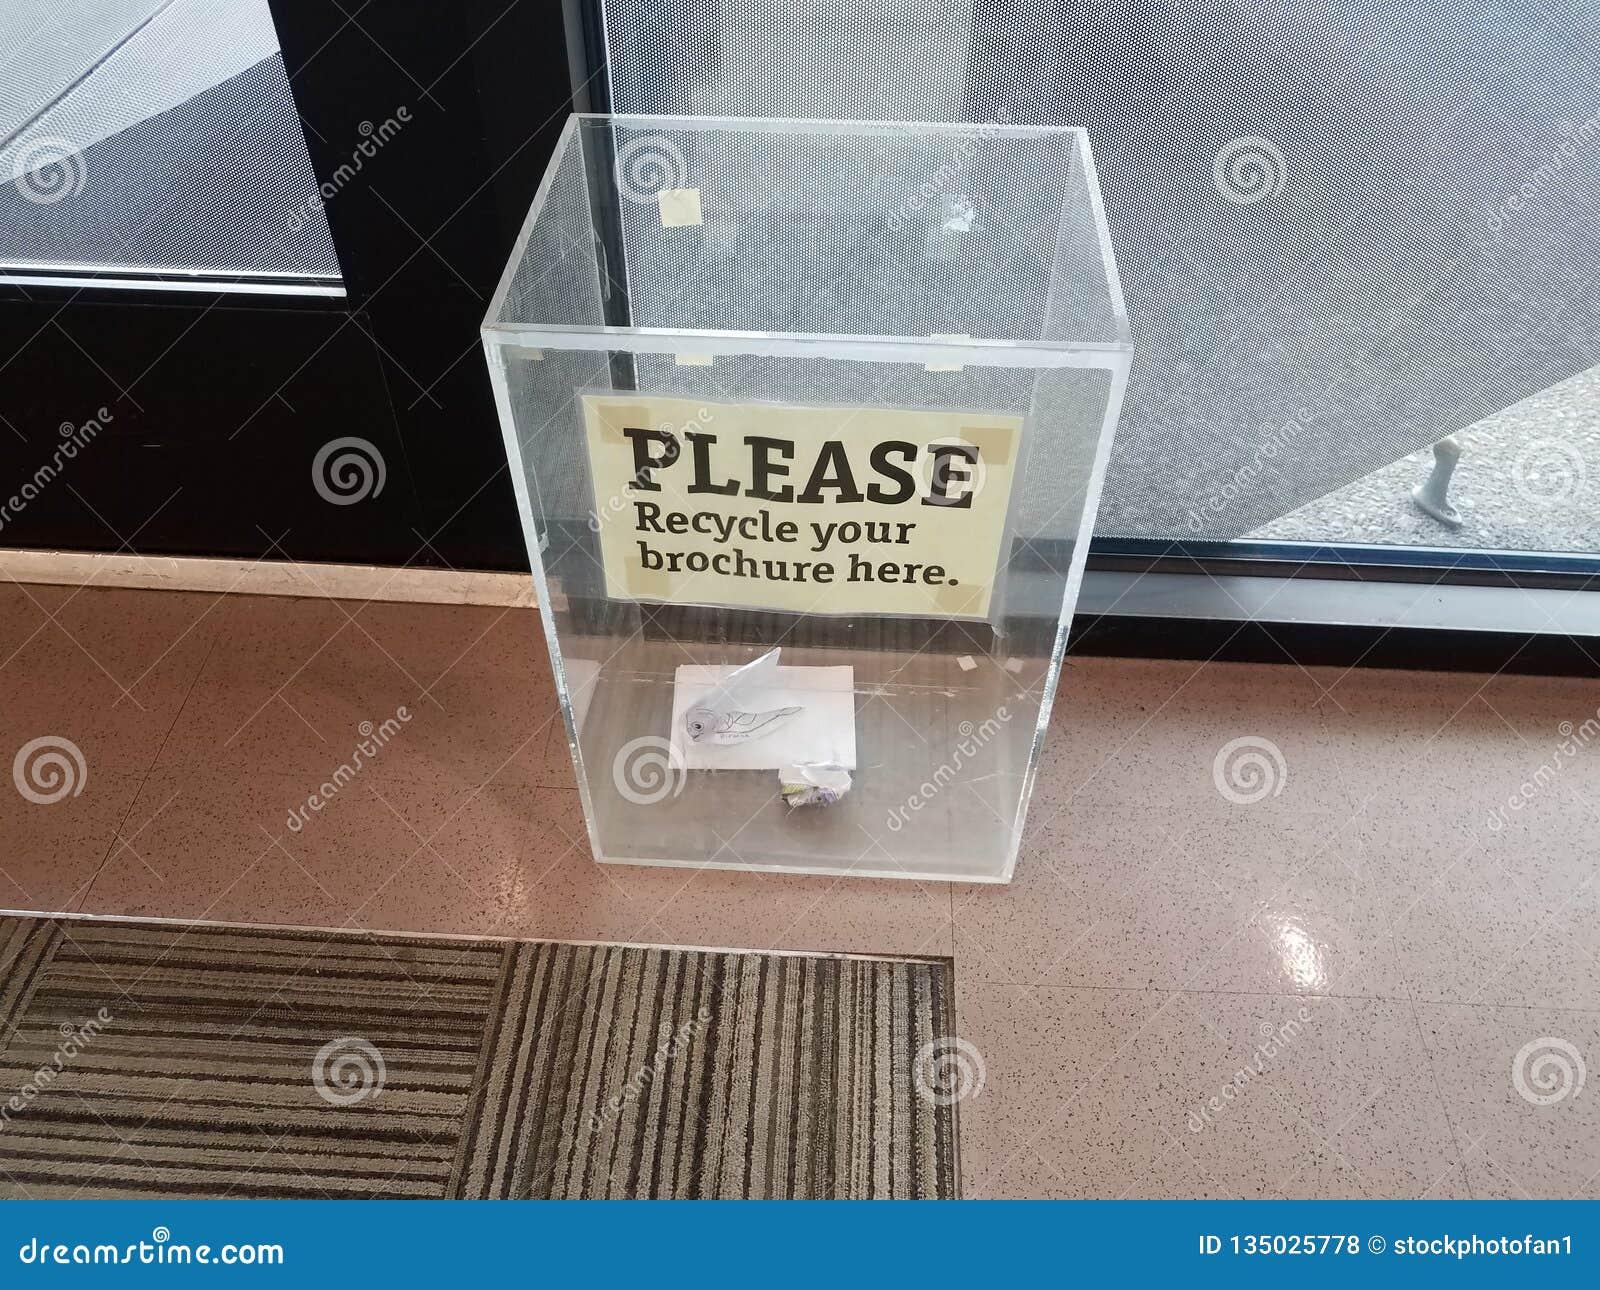 Παρακαλώ ανακυκλώστε το φυλλάδιό σας υπογράφει εδώ στο πλαστικό κιβώτιο